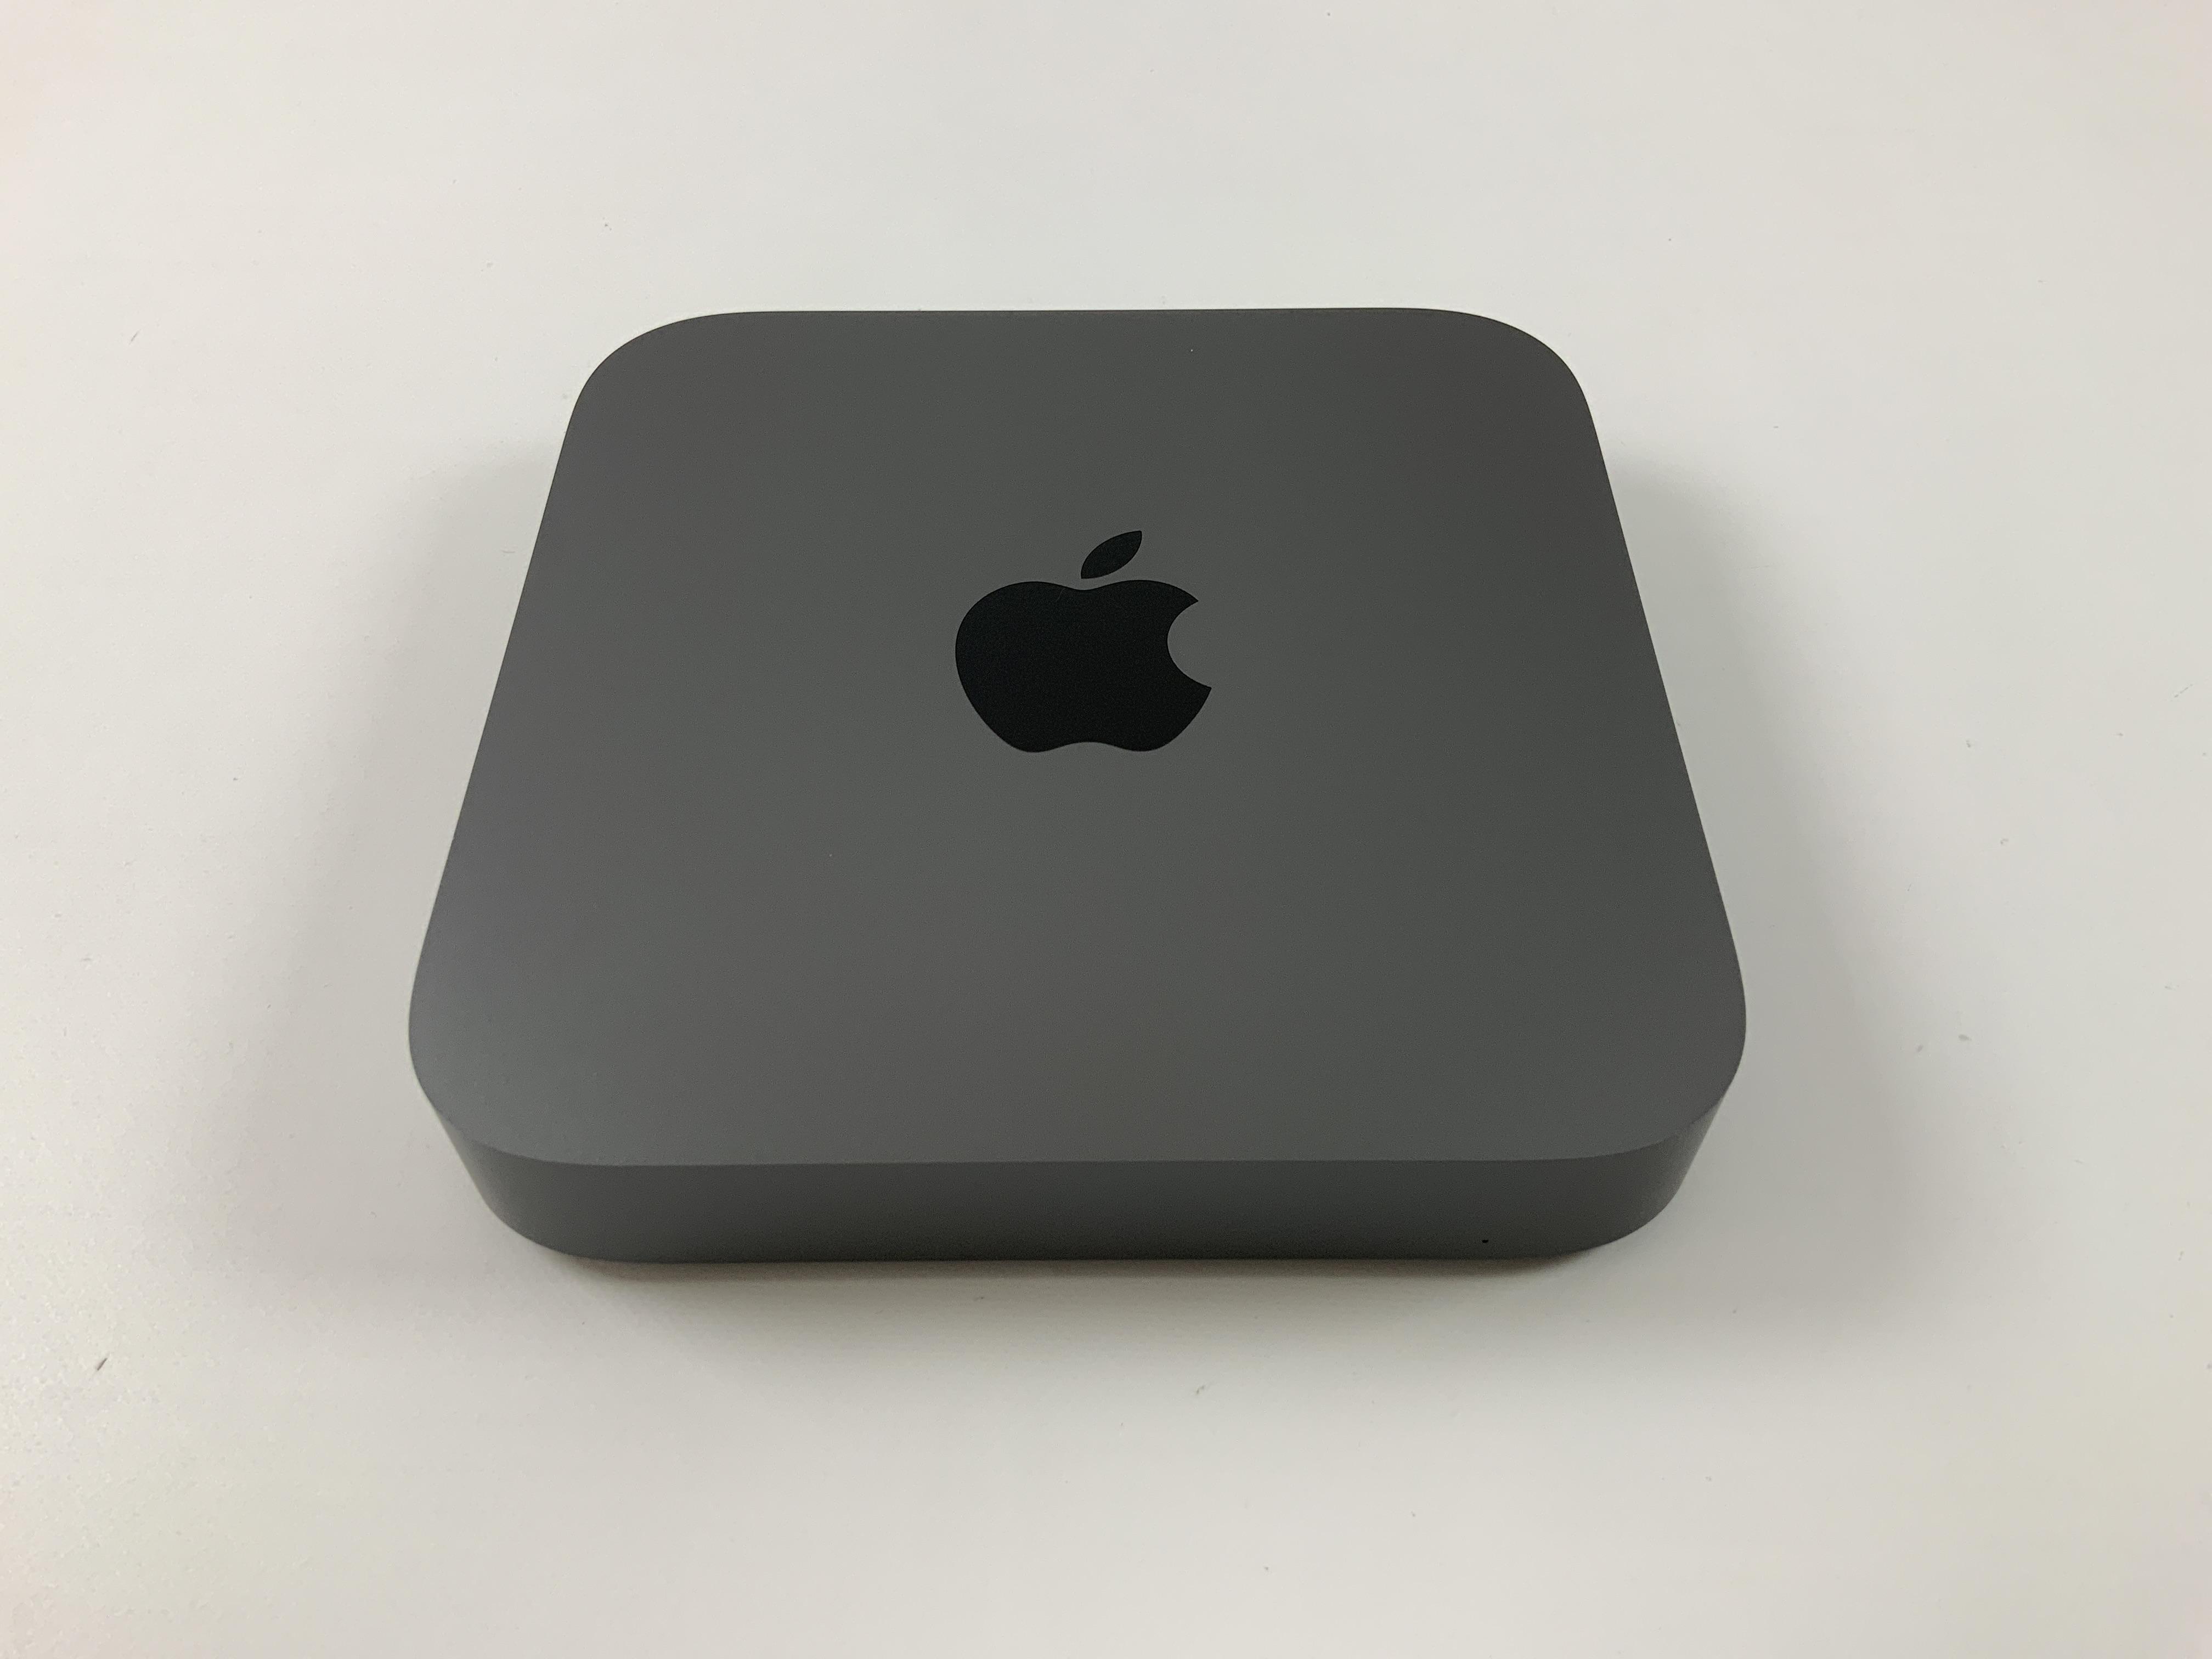 Mac Mini Early 2020 (Intel 6-Core i5 3.0 GHz 8 GB RAM 1 TB SSD), Intel 6-Core i5 3.0 GHz, 8 GB RAM, 1 TB SSD, obraz 1